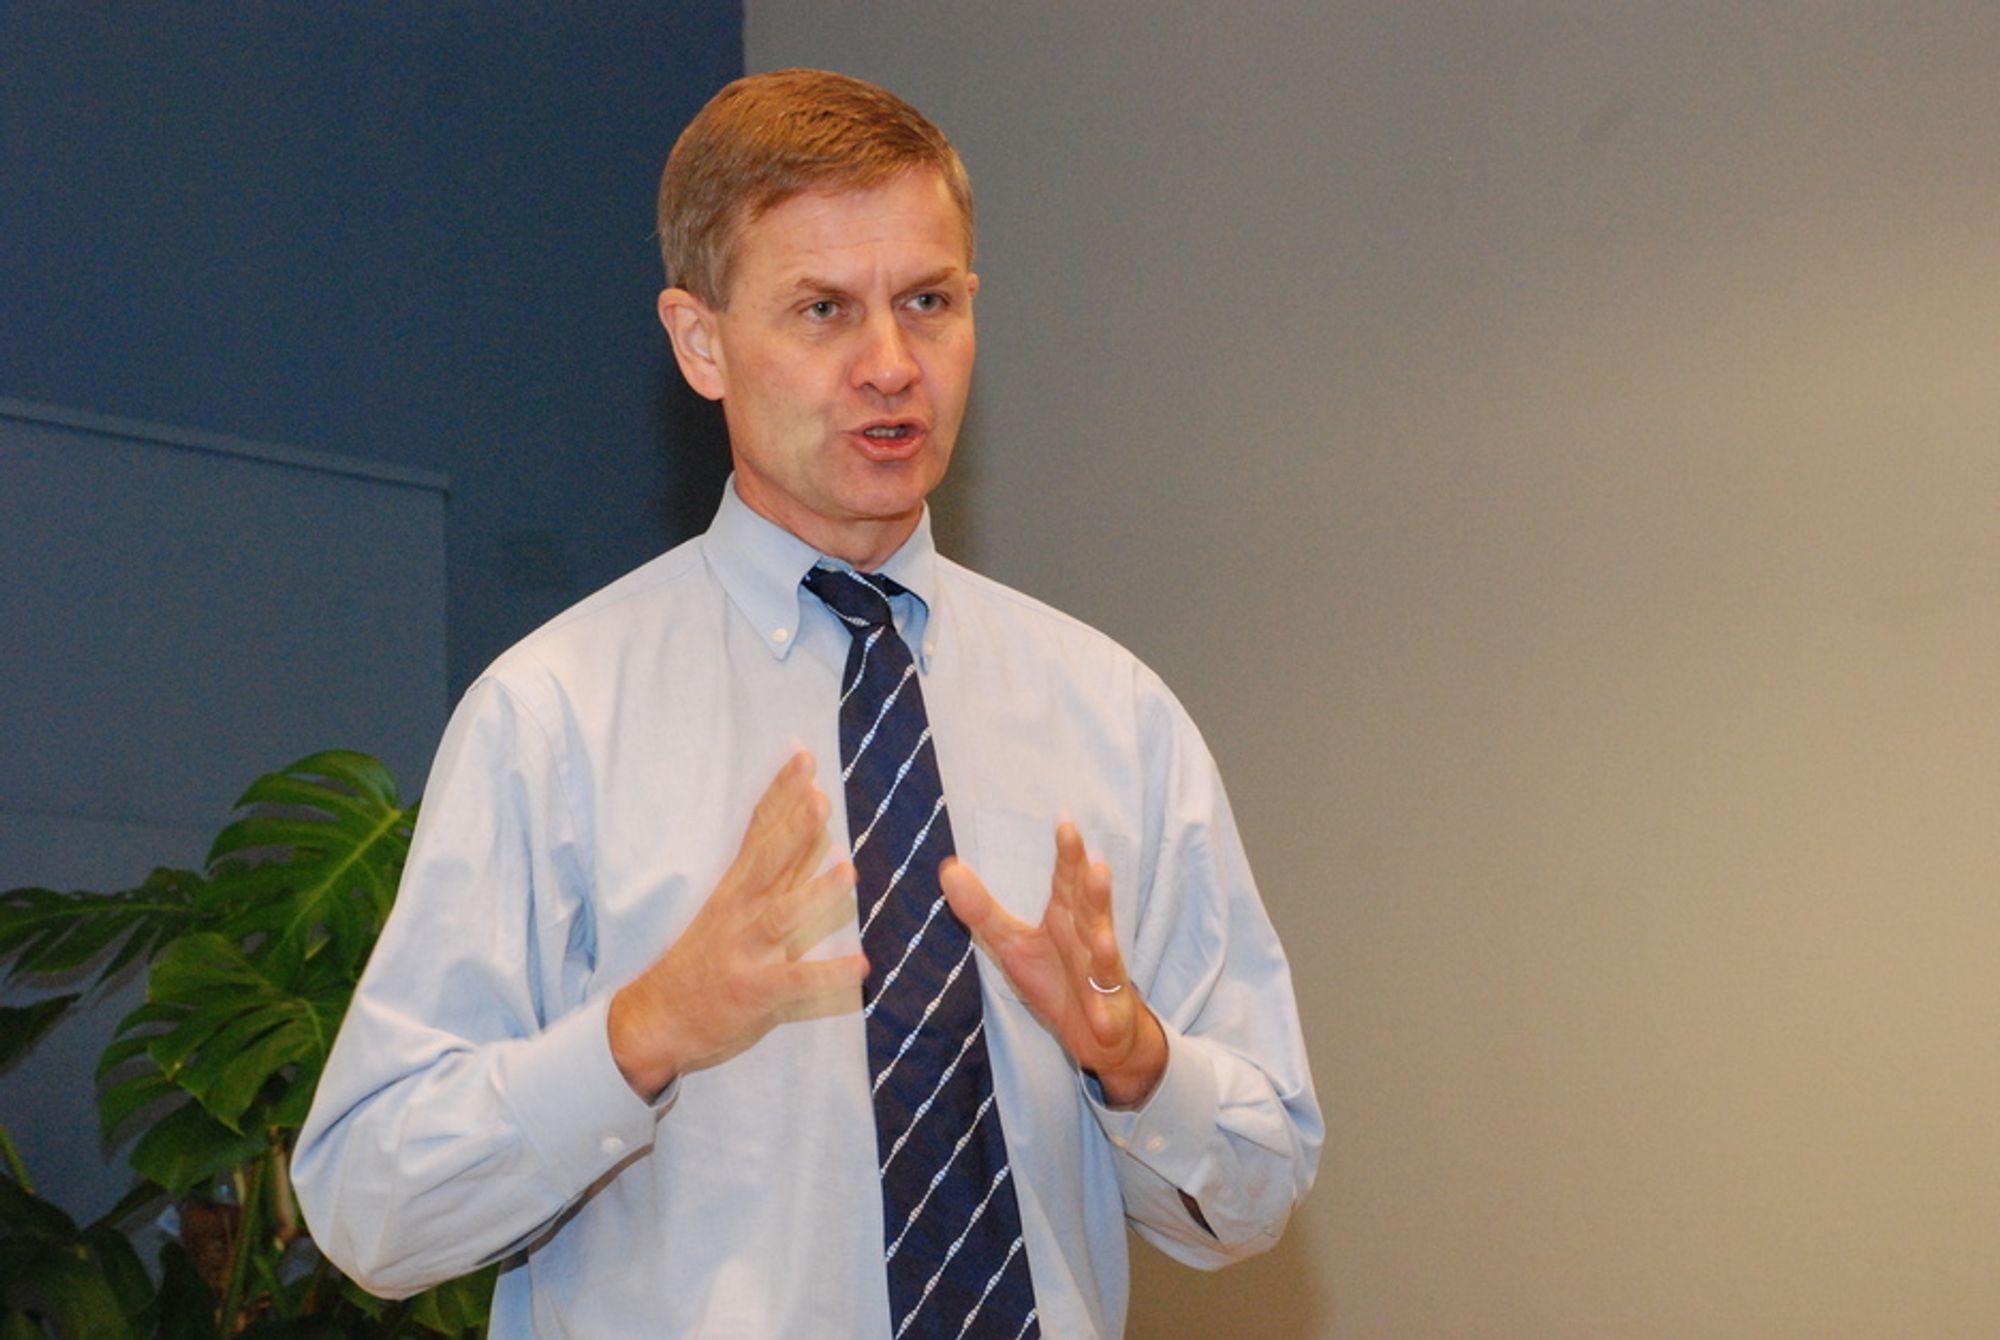 SIKRER ARBEIDSPLASSER: Økt etterspørsel etter biodrivstoff vil bidra til å sikre norske arbeidsplasser som er knyttet til produksjon av biodrivstoff, mener miljøvernminister Erik Solheim.